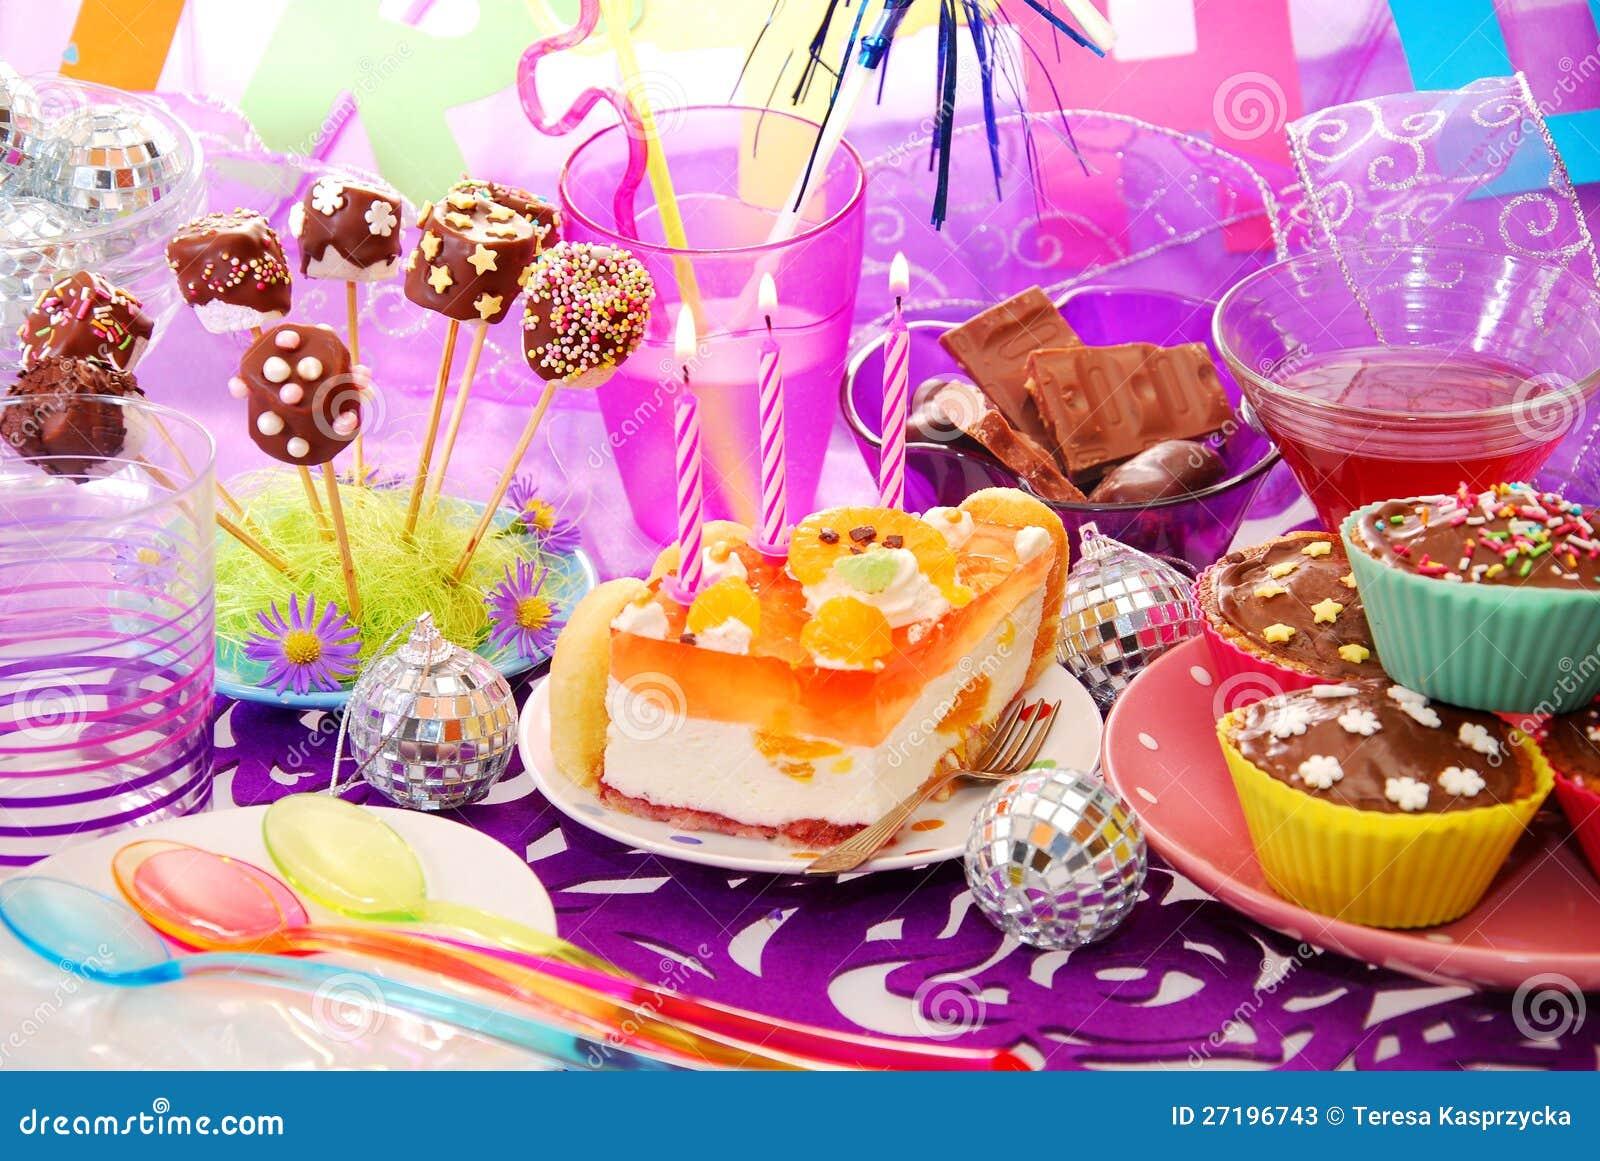 Geburtstagsfeiertabelle mit Bonbons für Kind